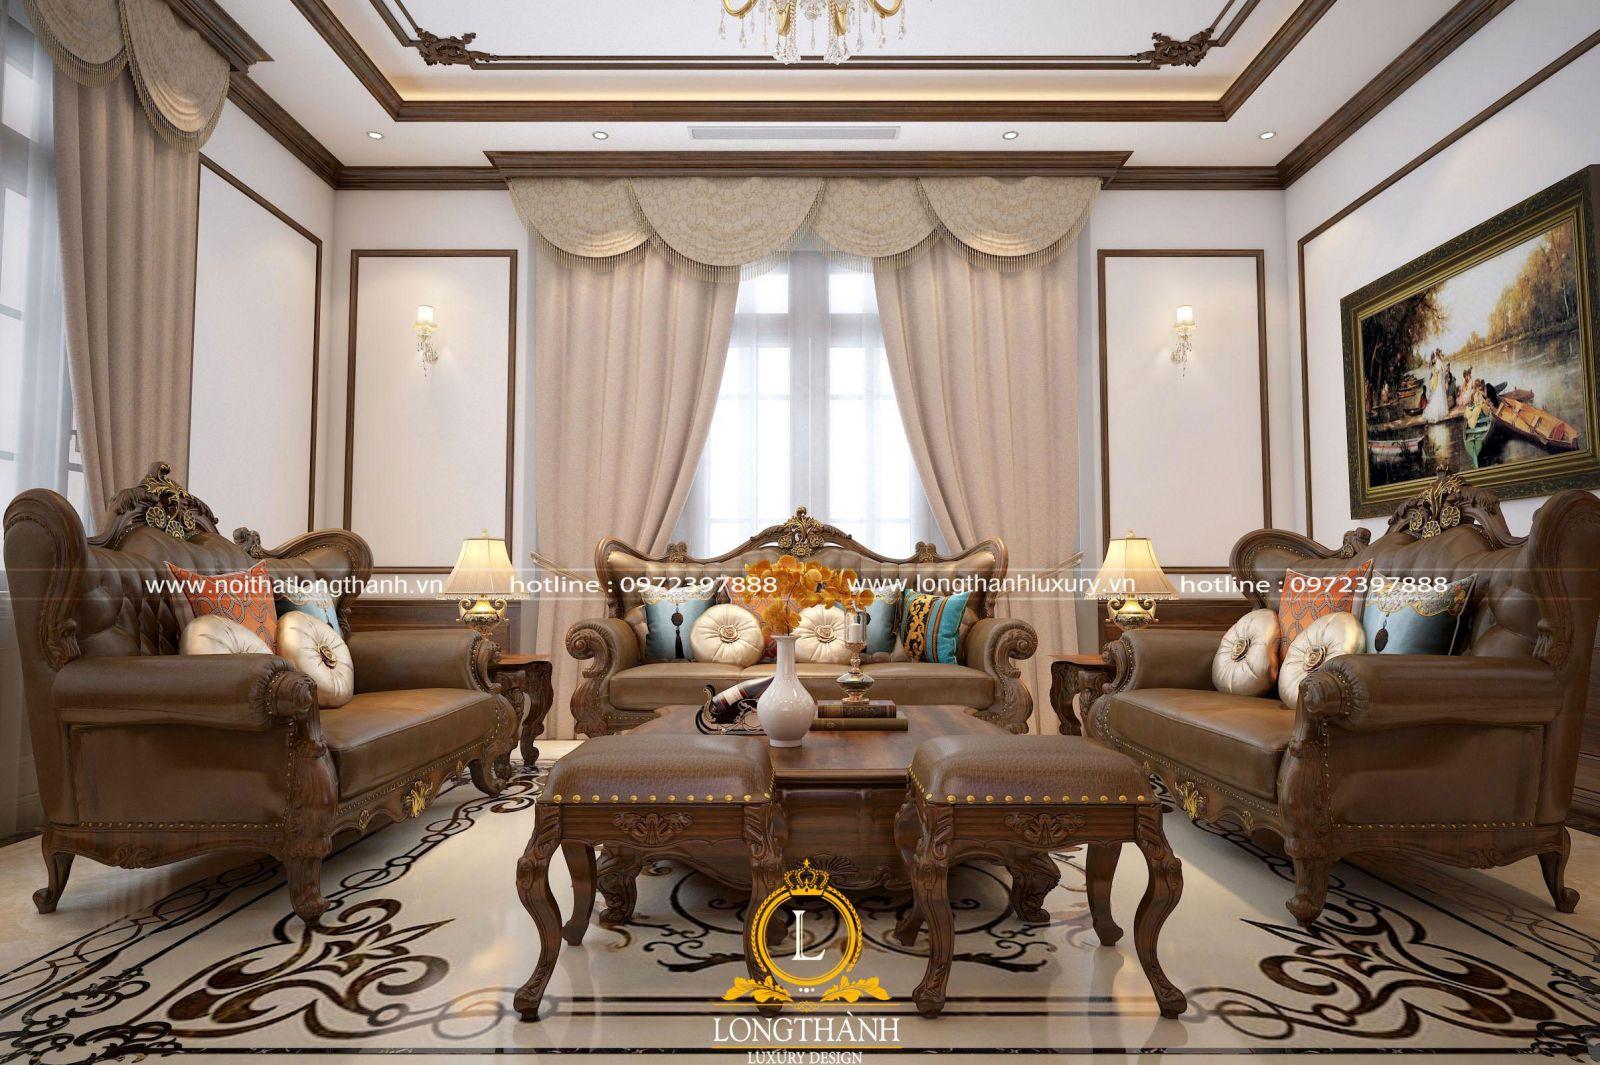 Nội thất đẹp cho phòng khách biệt thự